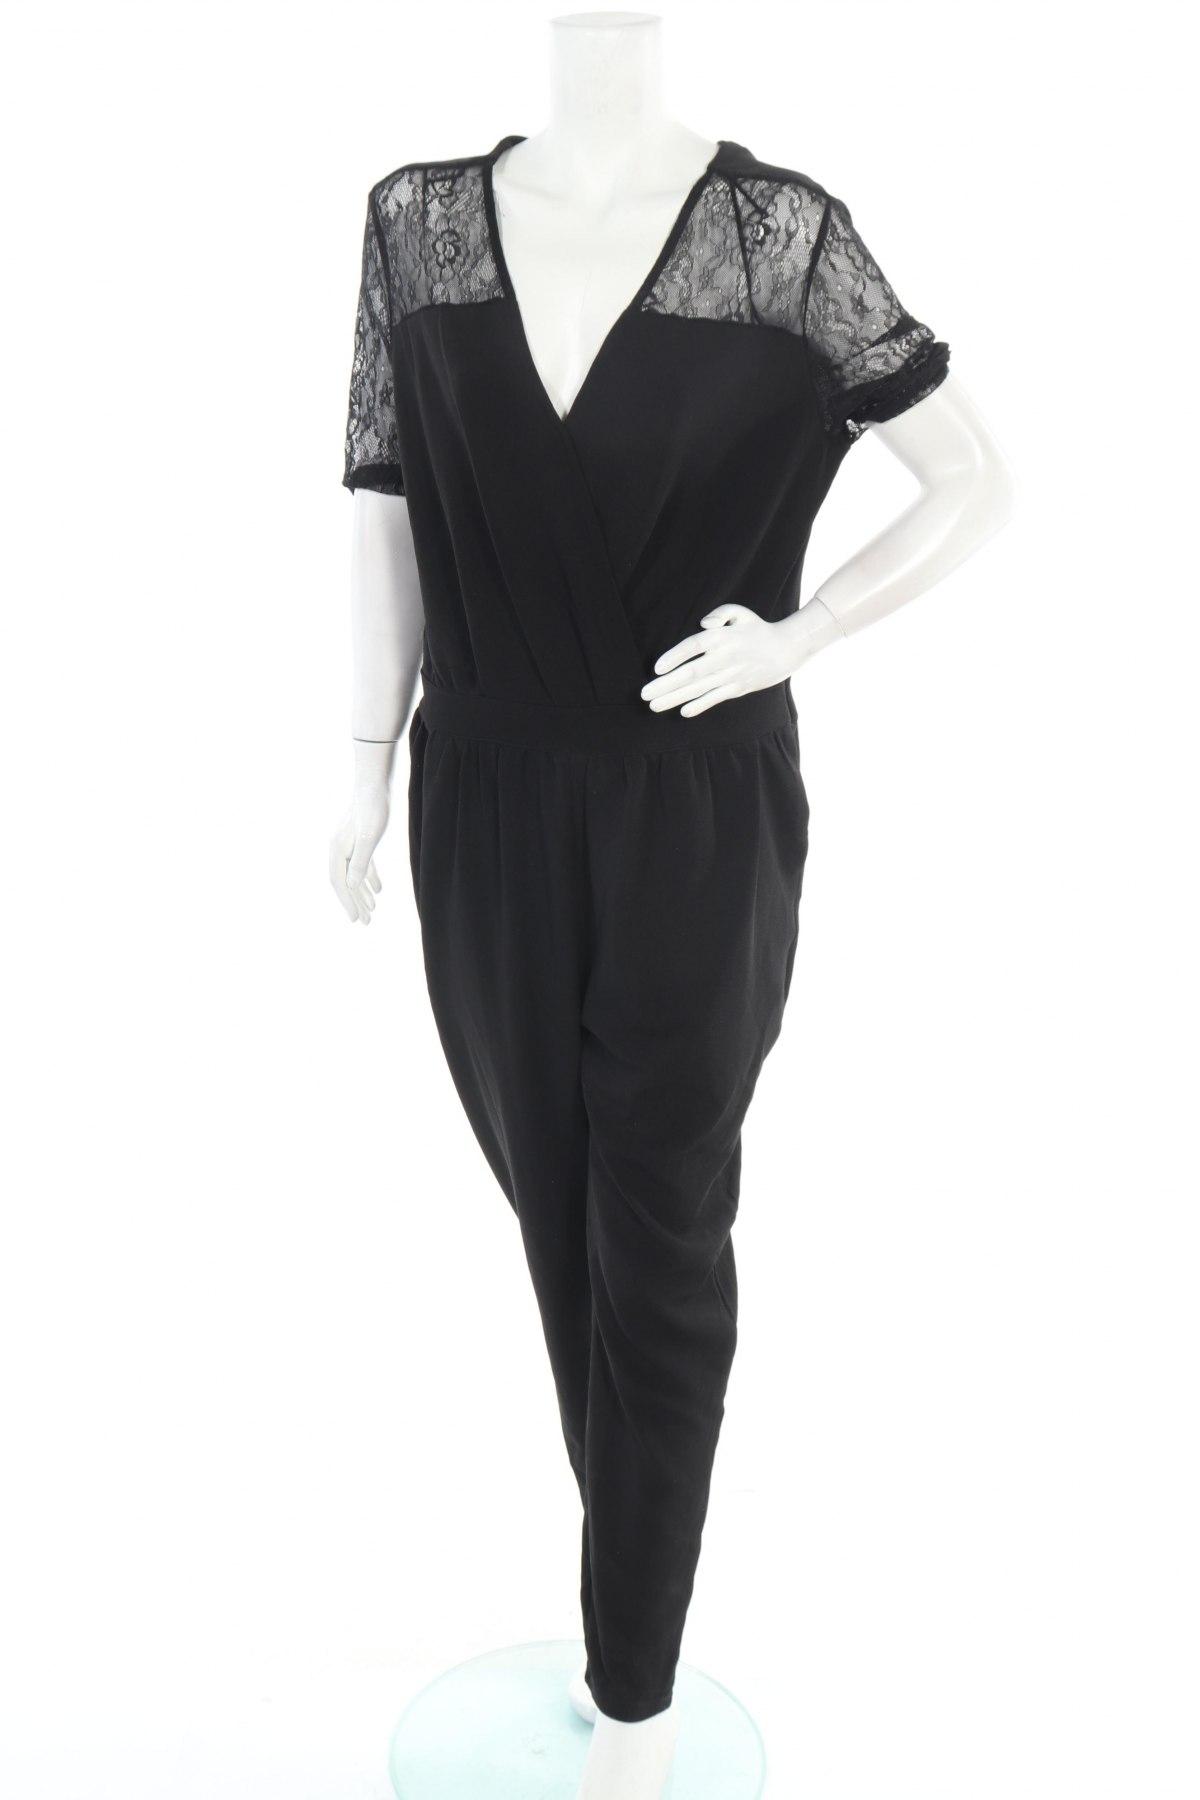 Γυναικεία σαλοπέτα B.Young, Μέγεθος XL, Χρώμα Μαύρο, 95% πολυεστέρας, 5% ελαστάνη, Τιμή 22,96€